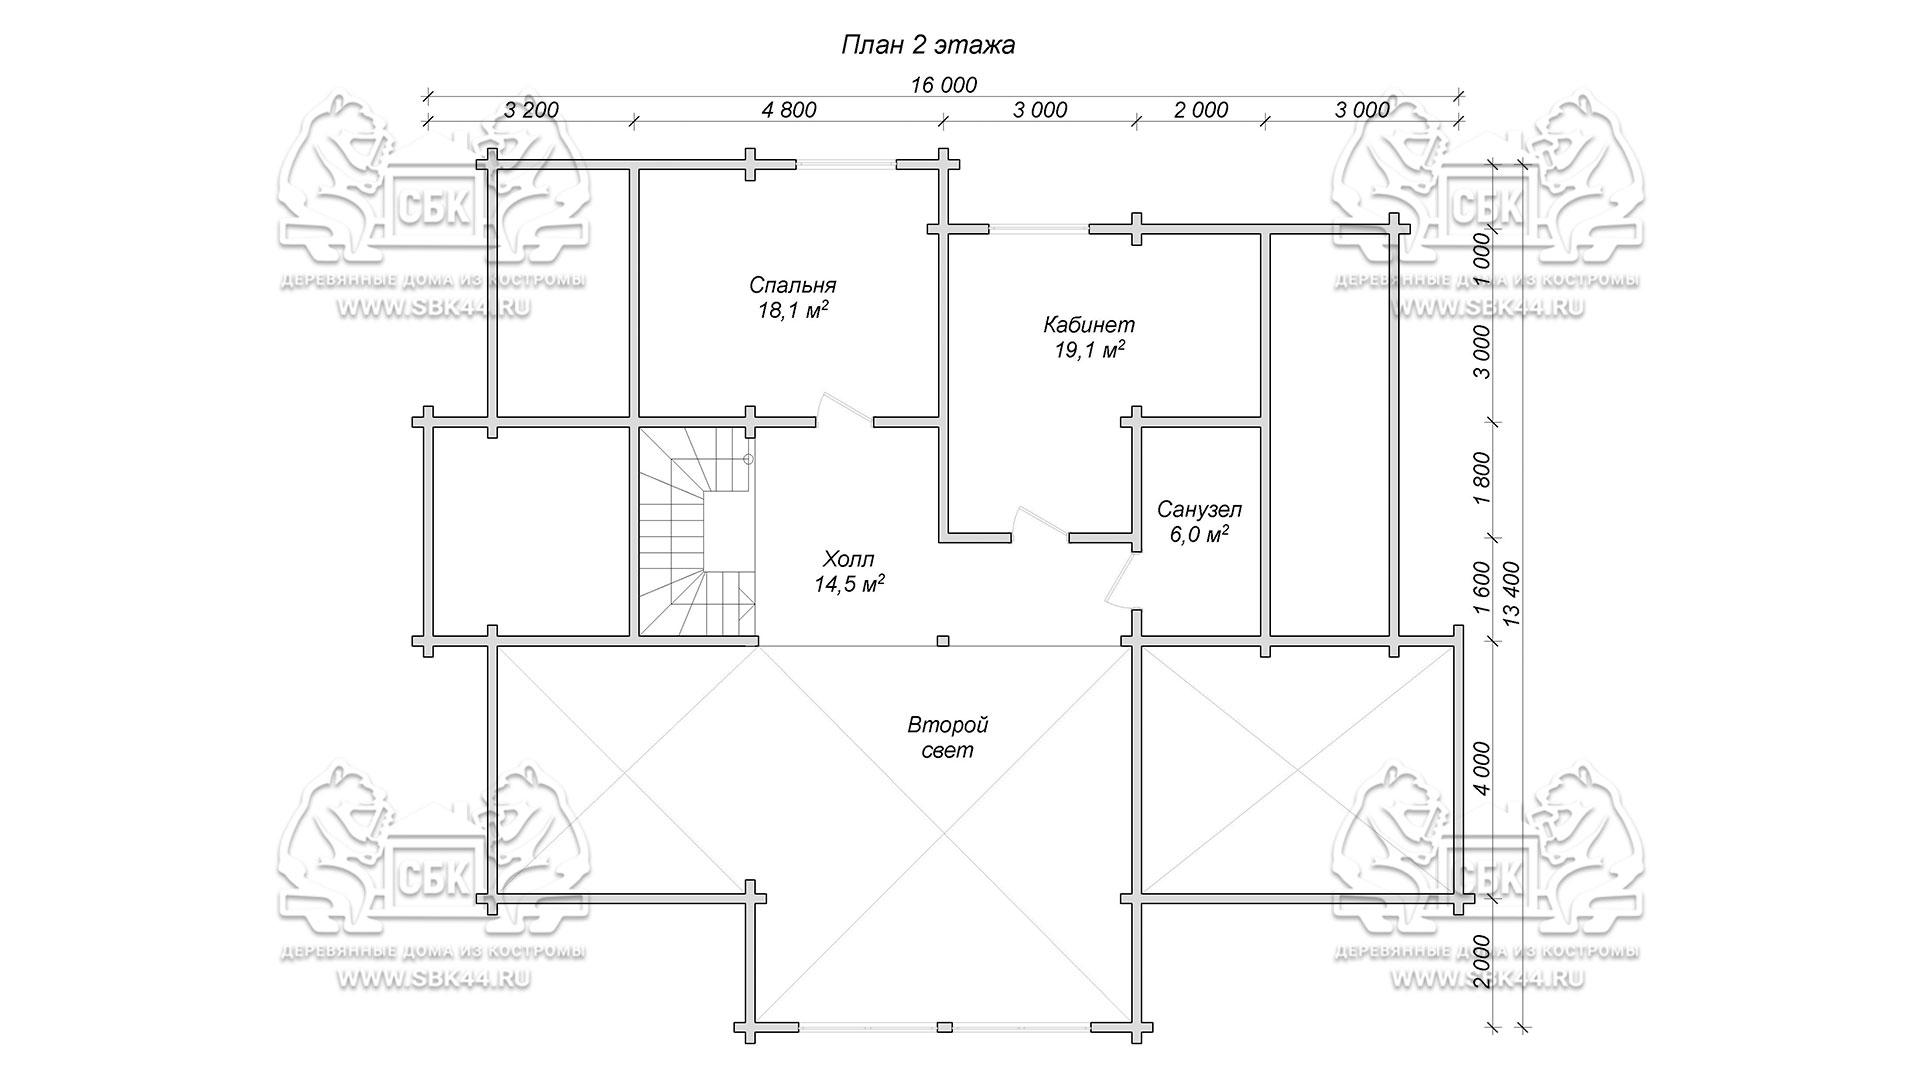 Проект дома из бруса в чашу 16 х 16 м «Гудвин» - со вторым светом - план 2-го этажа